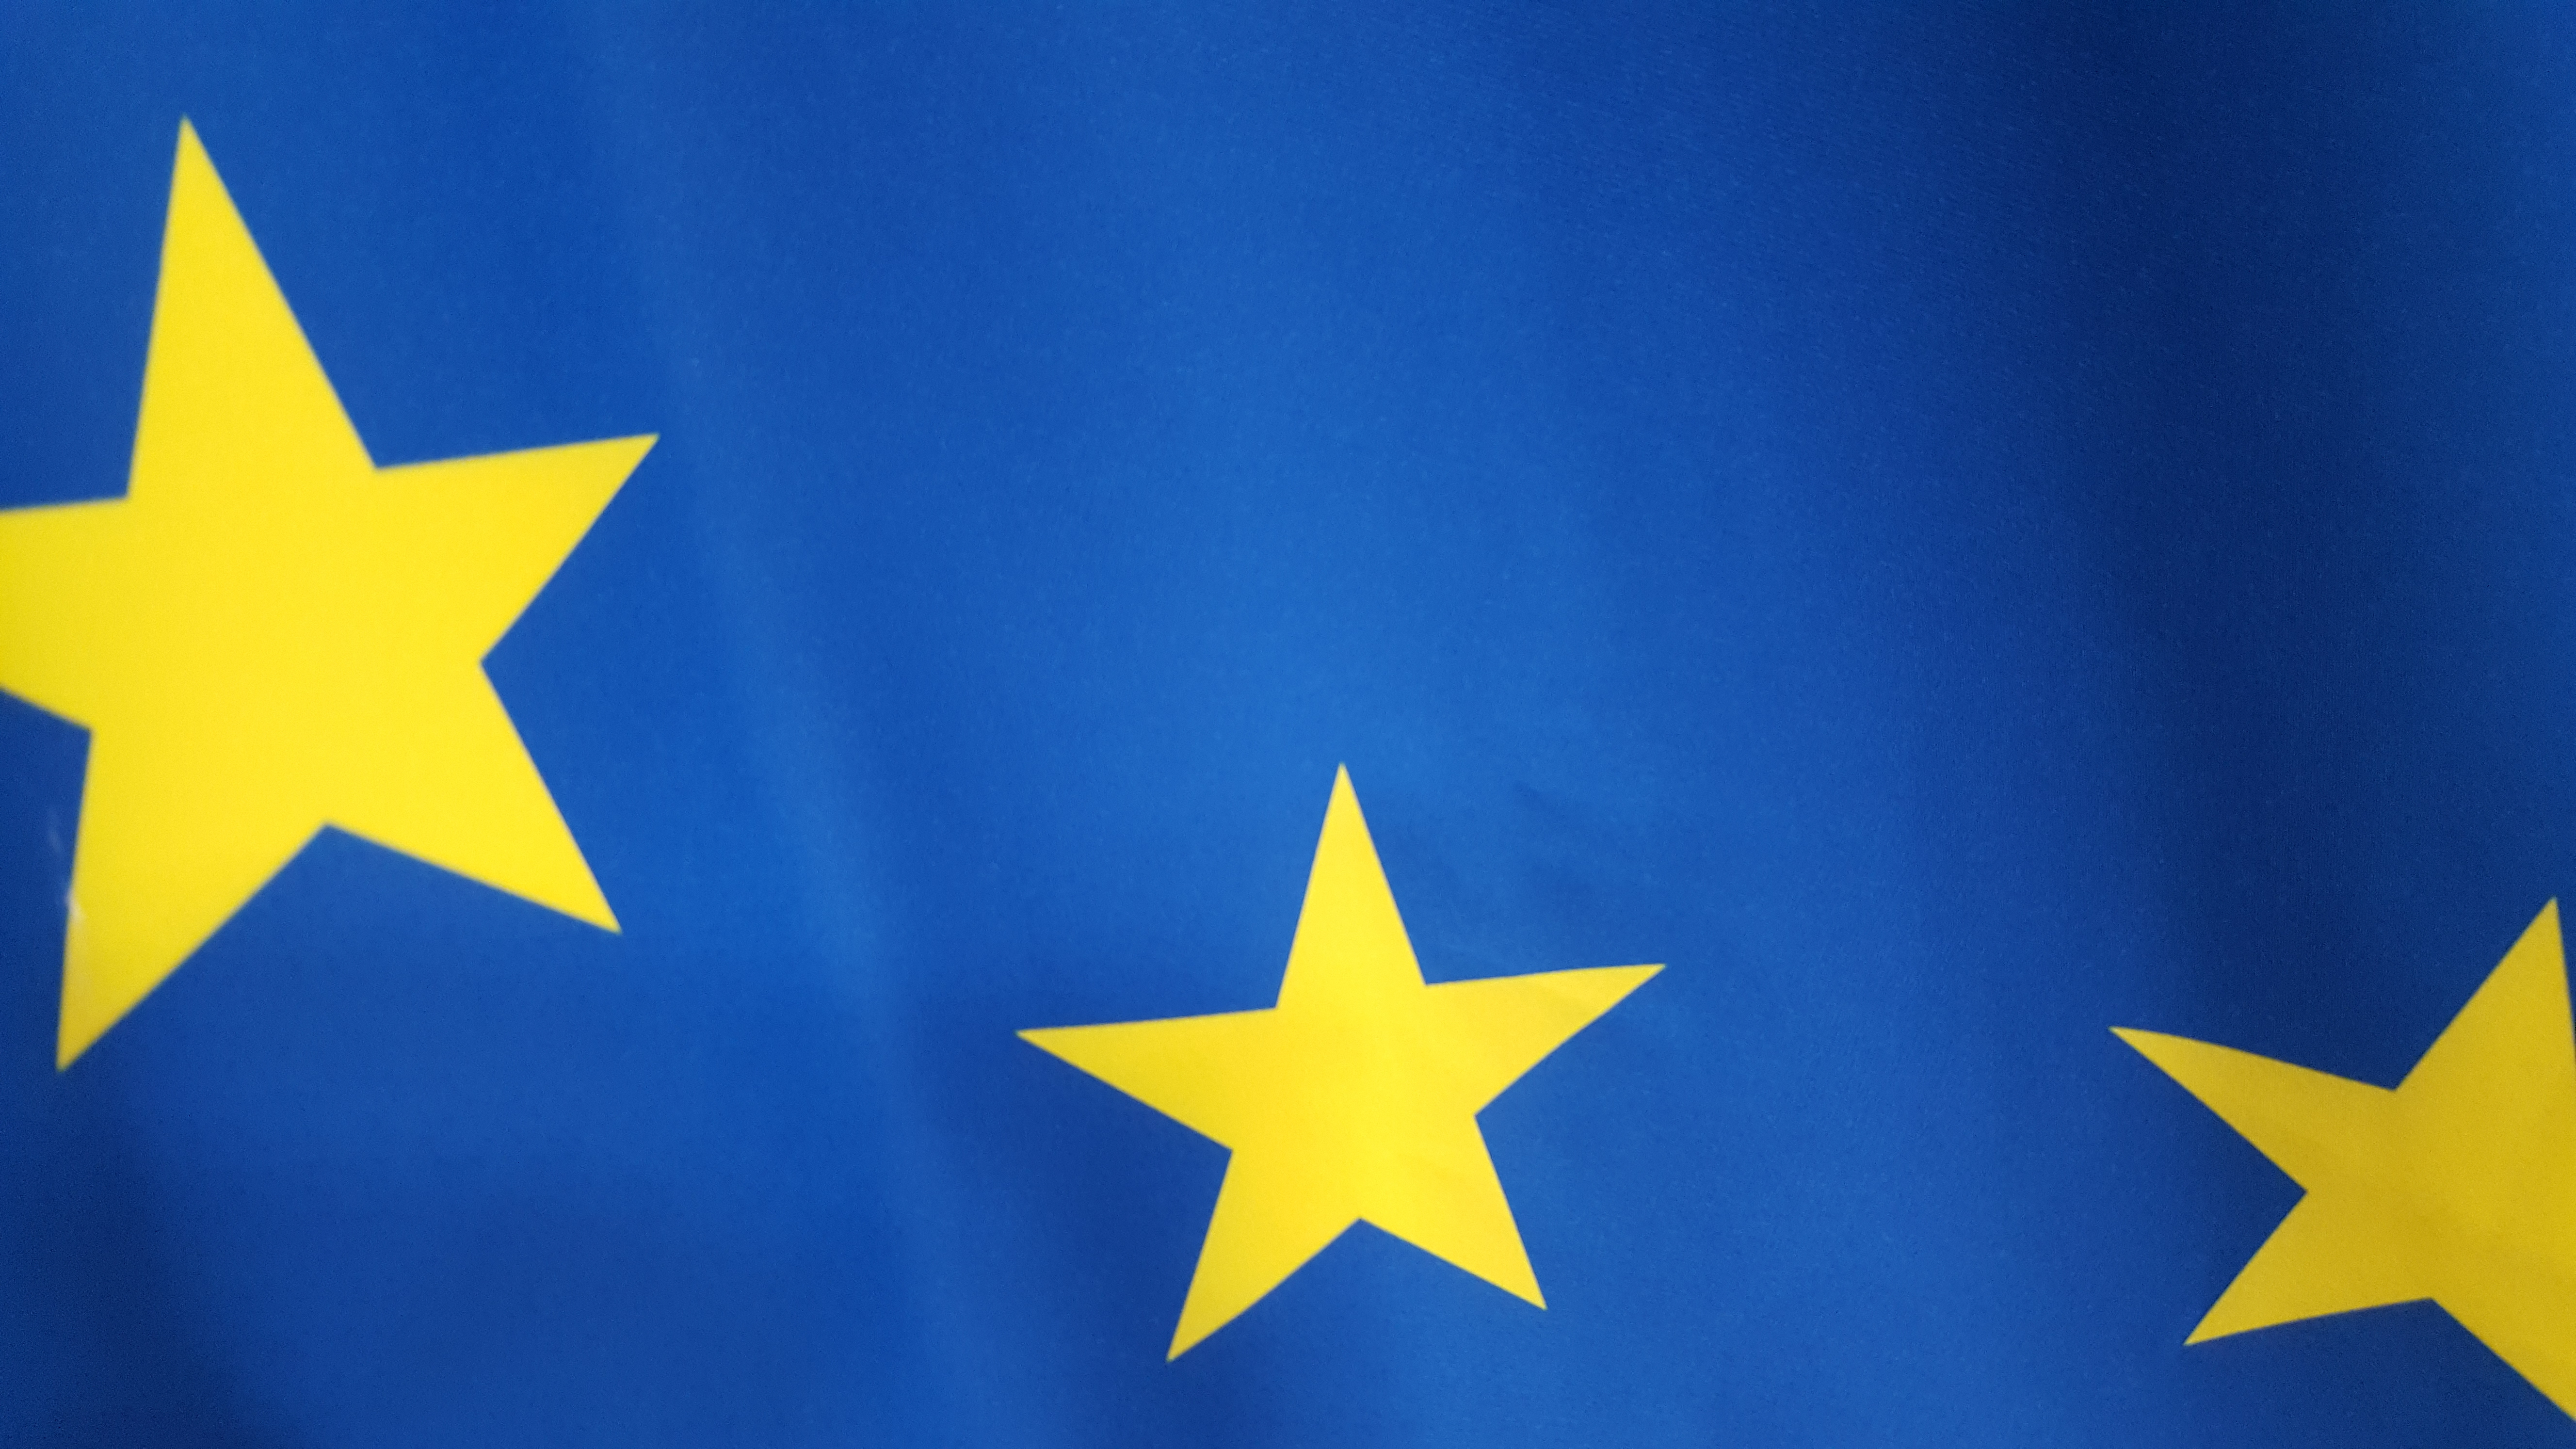 Izsek zastave Evropske unije. Modra podlaga na kateri so tri rumene peterokrake zvezde.